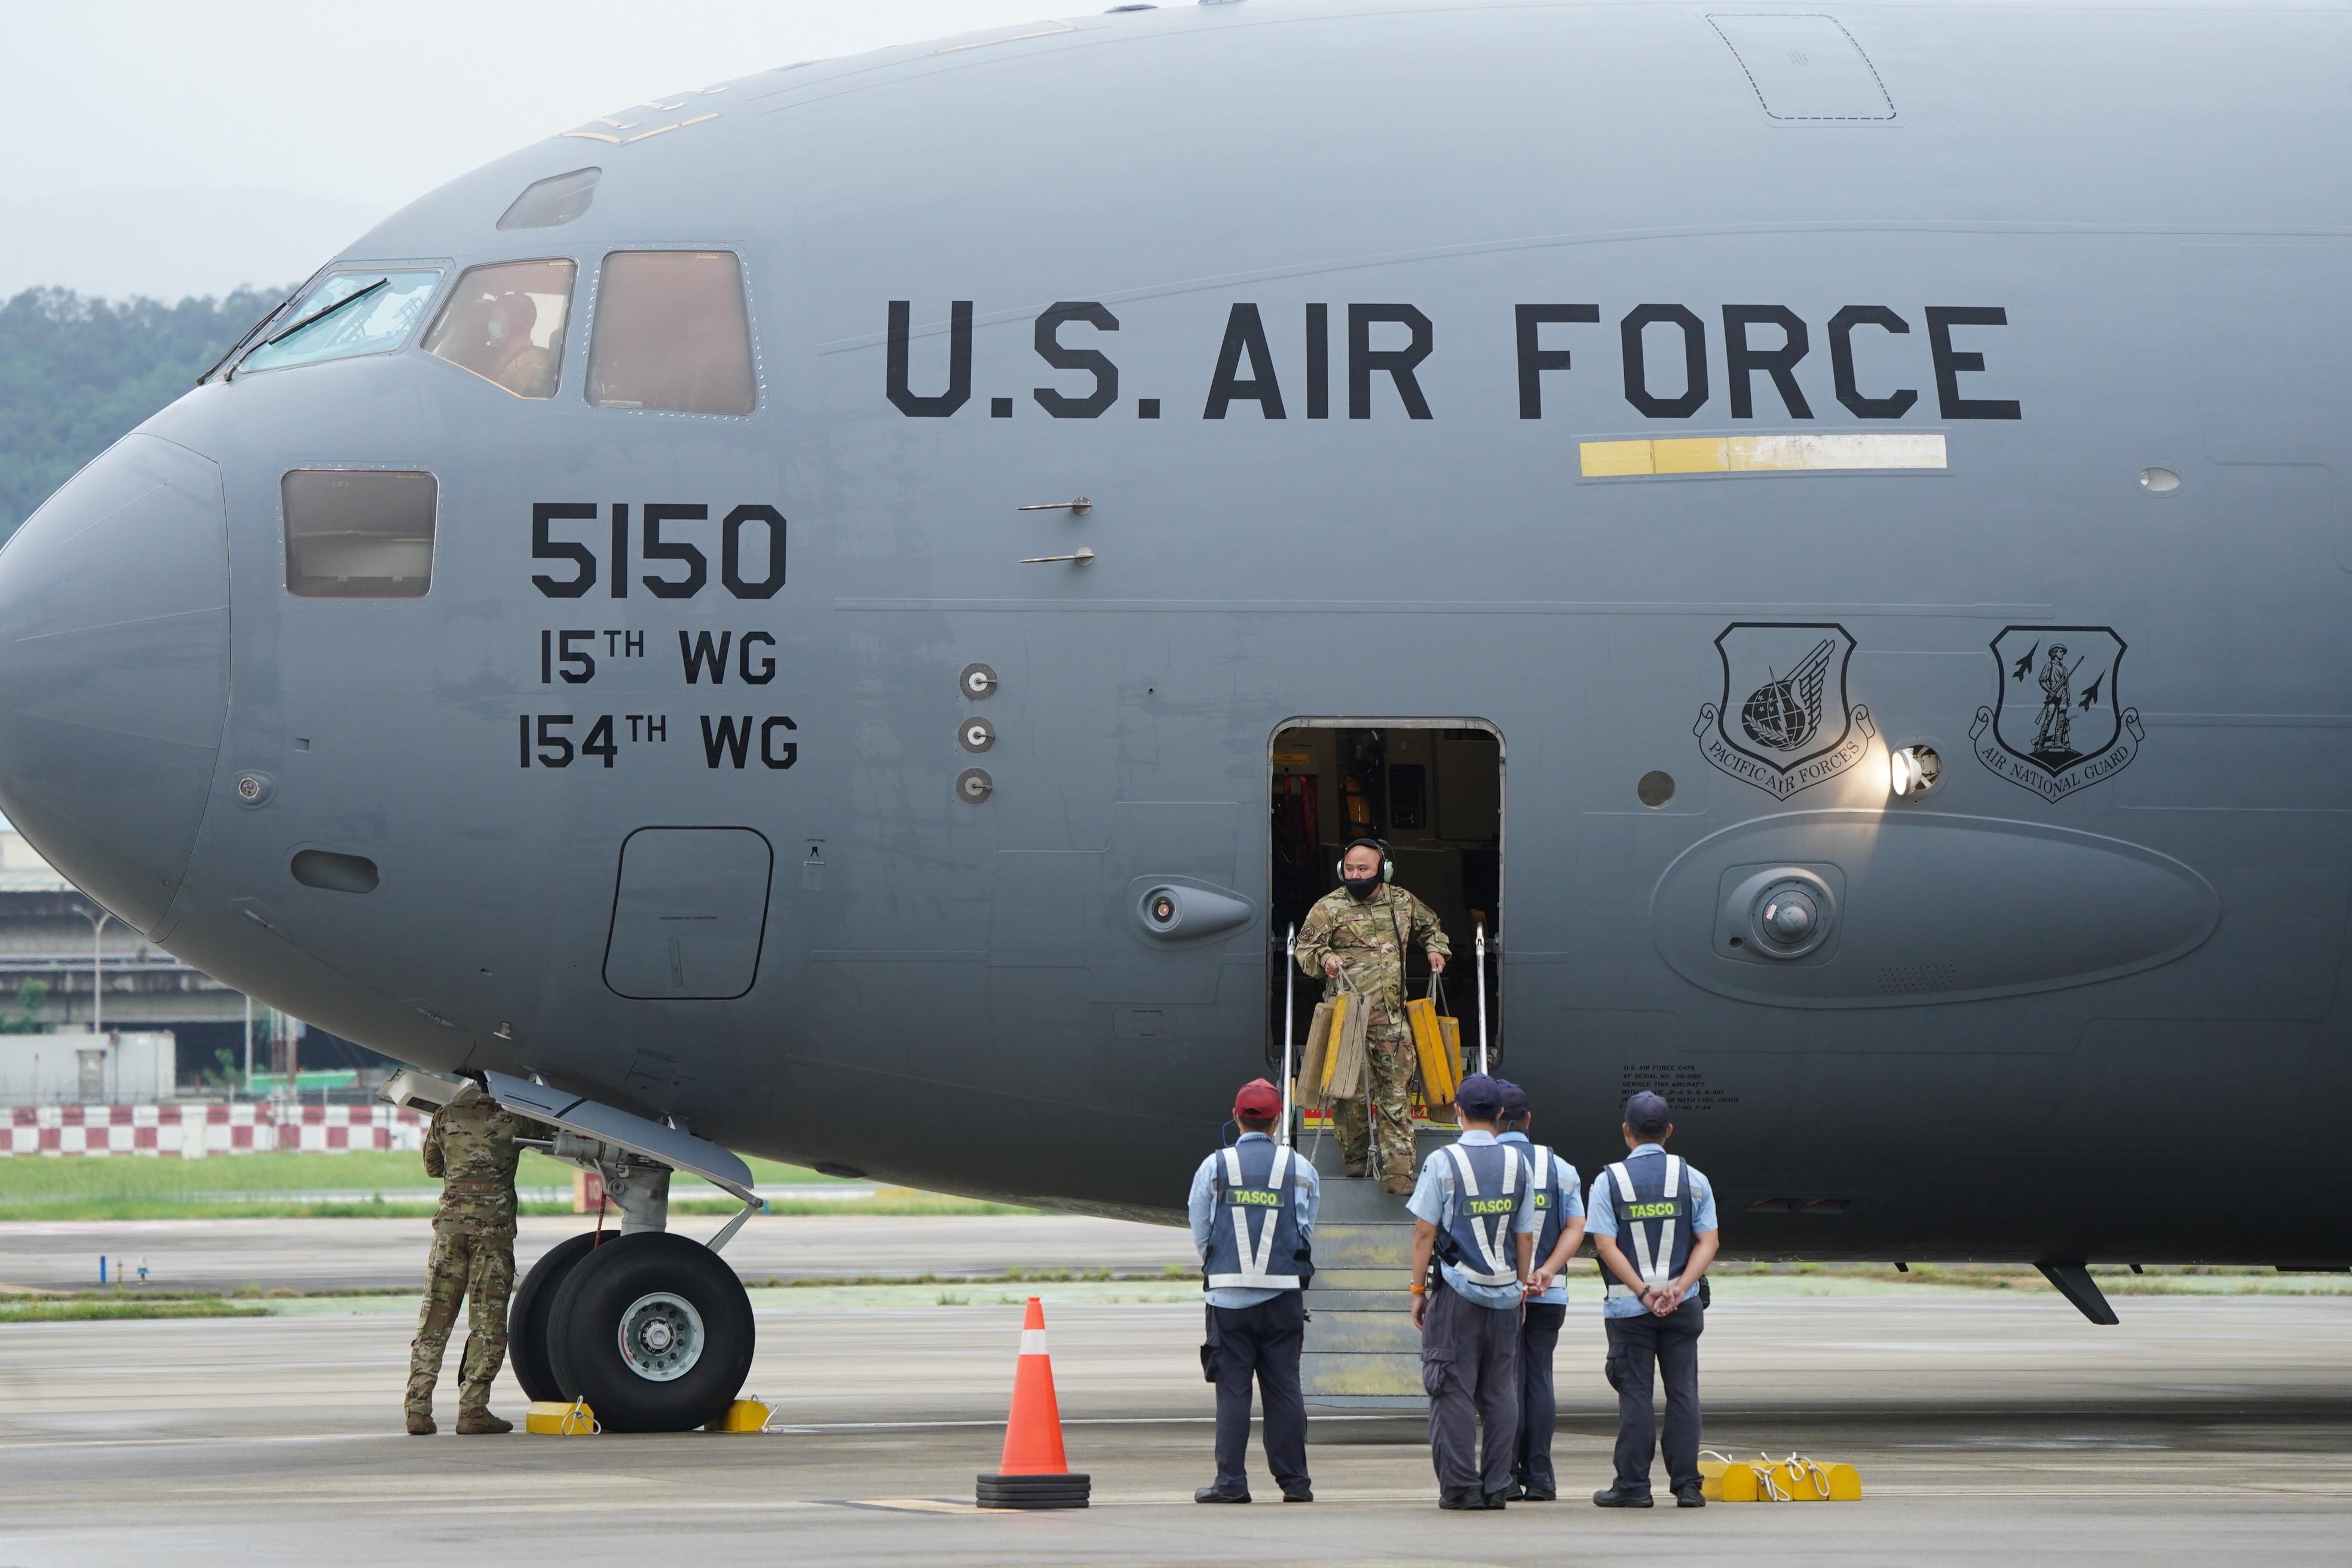 C-17,運輸機,C-130,F-22,共軍,美軍